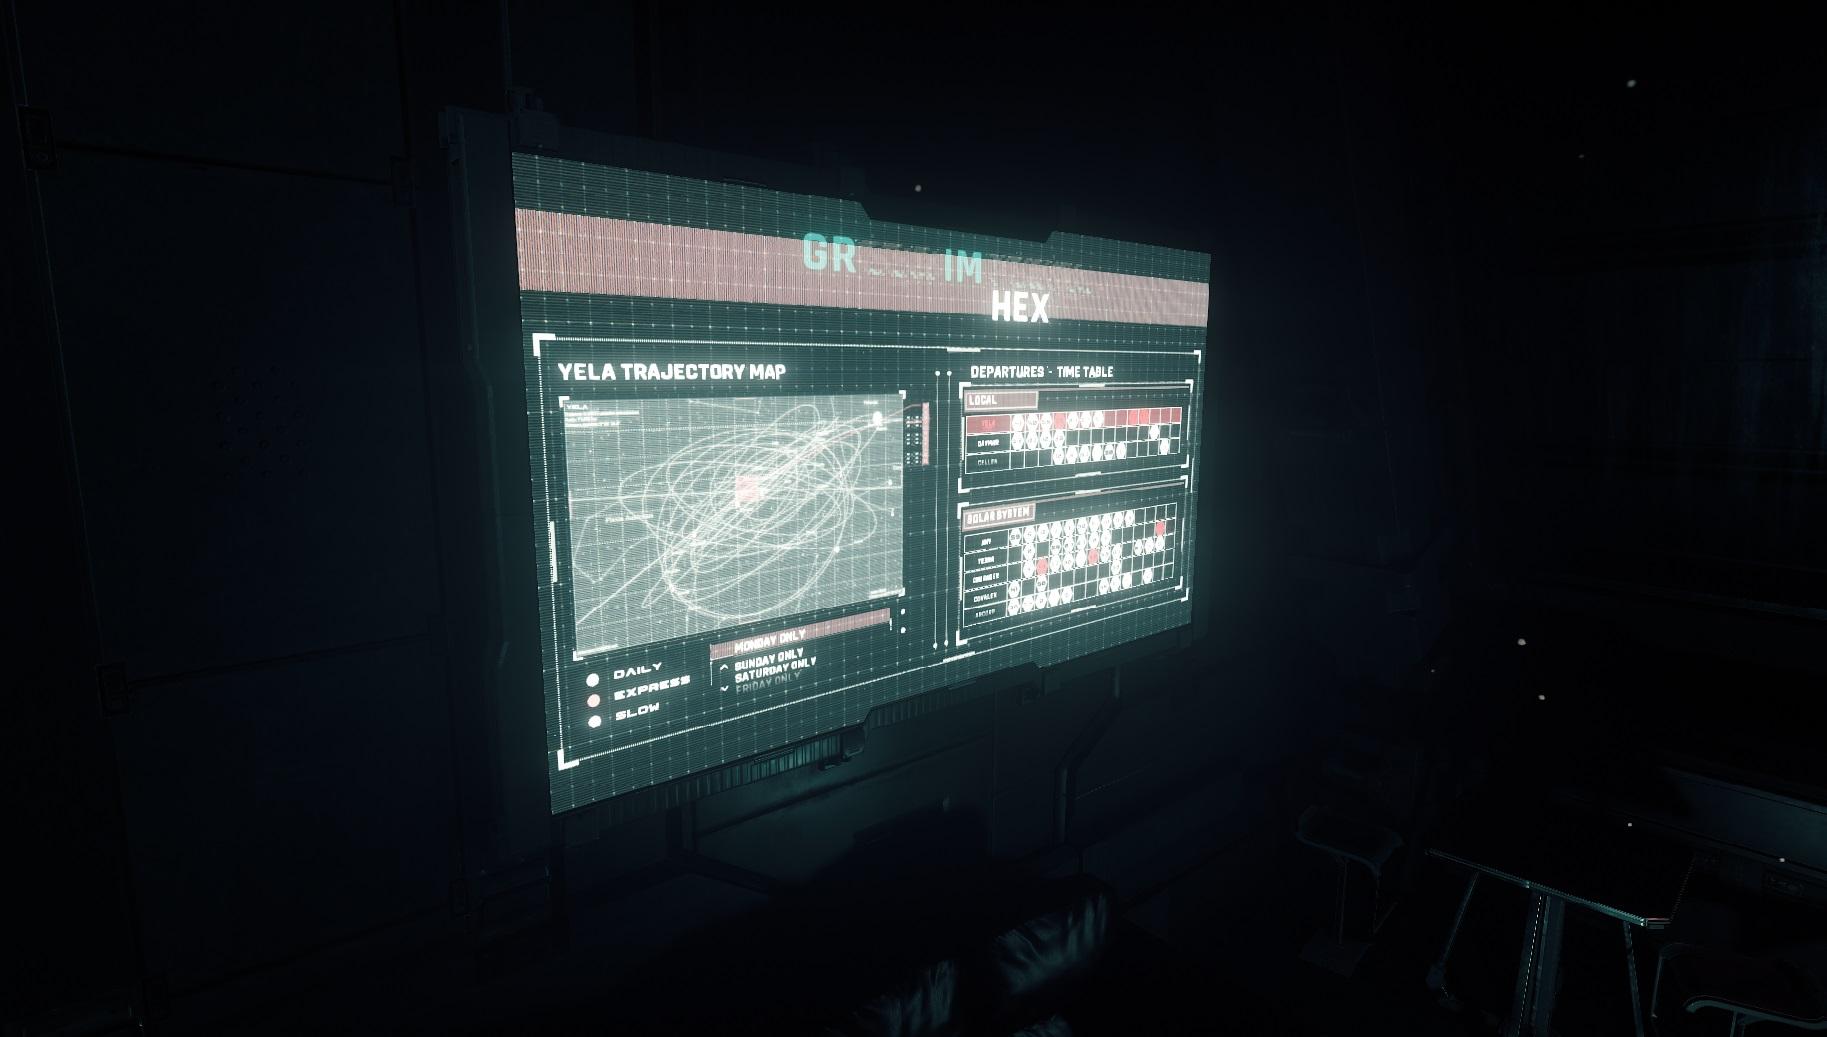 Просто киноленты, Лемони Сникет: 33 несчастья смотреть онлайн пиратка Волгоград